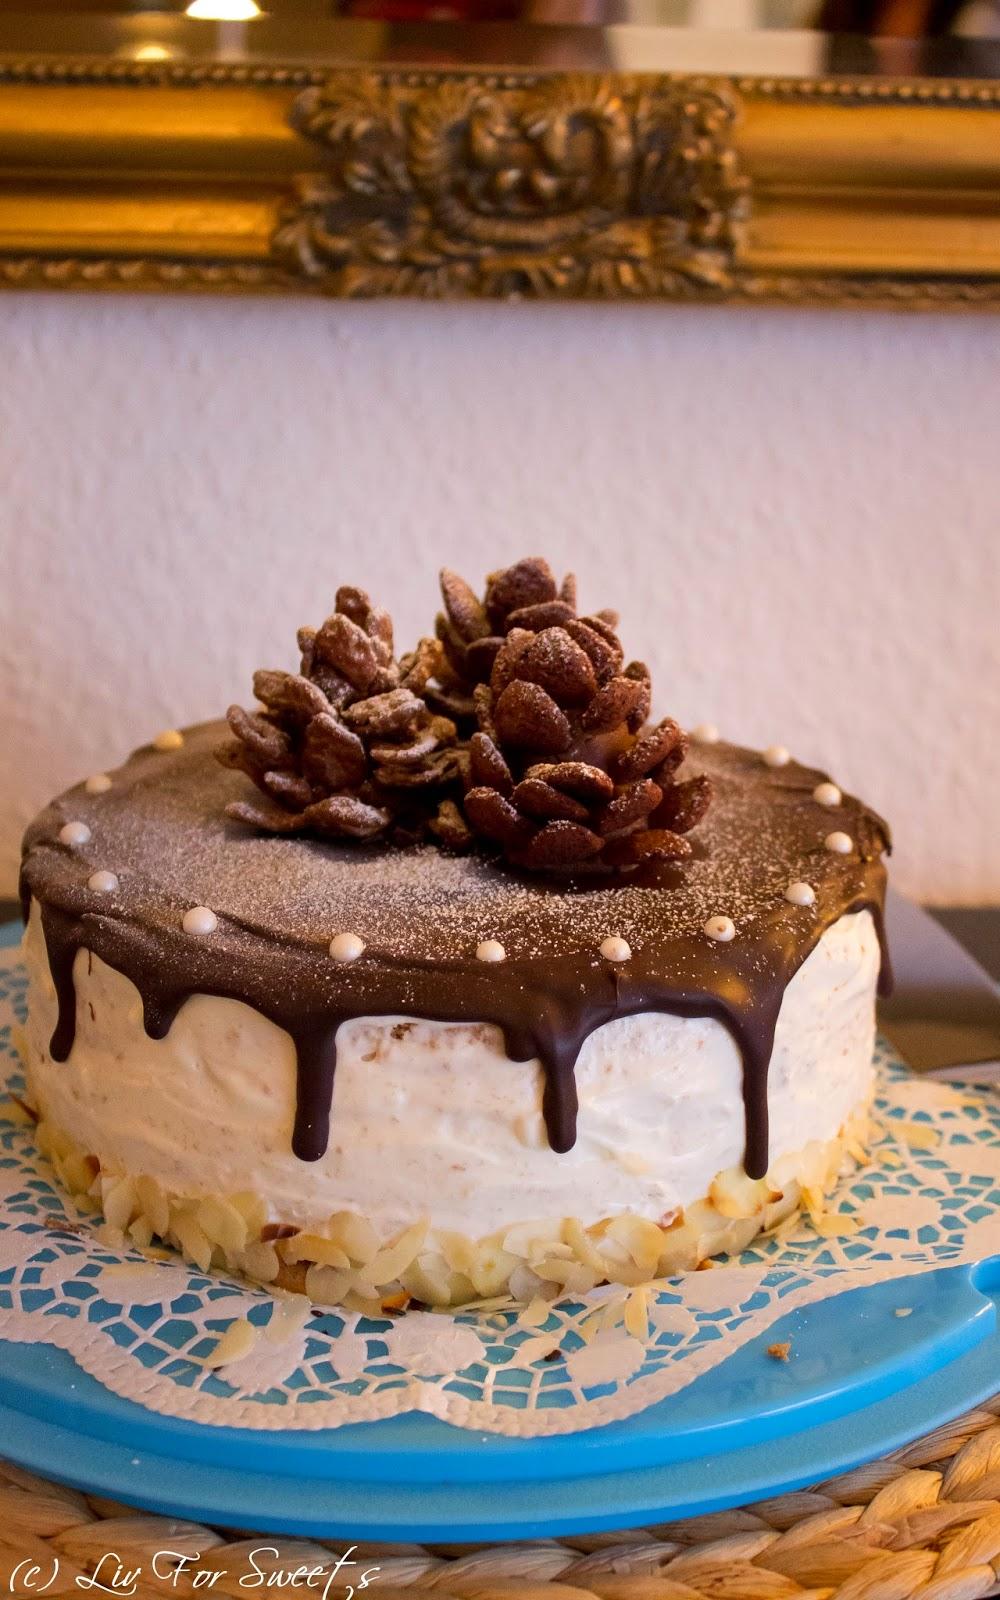 Zimtbiskuit Apfelkonfitüre und Frischkäse-Sahne-Creme mit Schokolade und Mandeln, Tannenzapfen aus Schokoladenkuchen und Cornflakes, Winter, Weihnachten, Torte, Rezept auch für den Thermomix